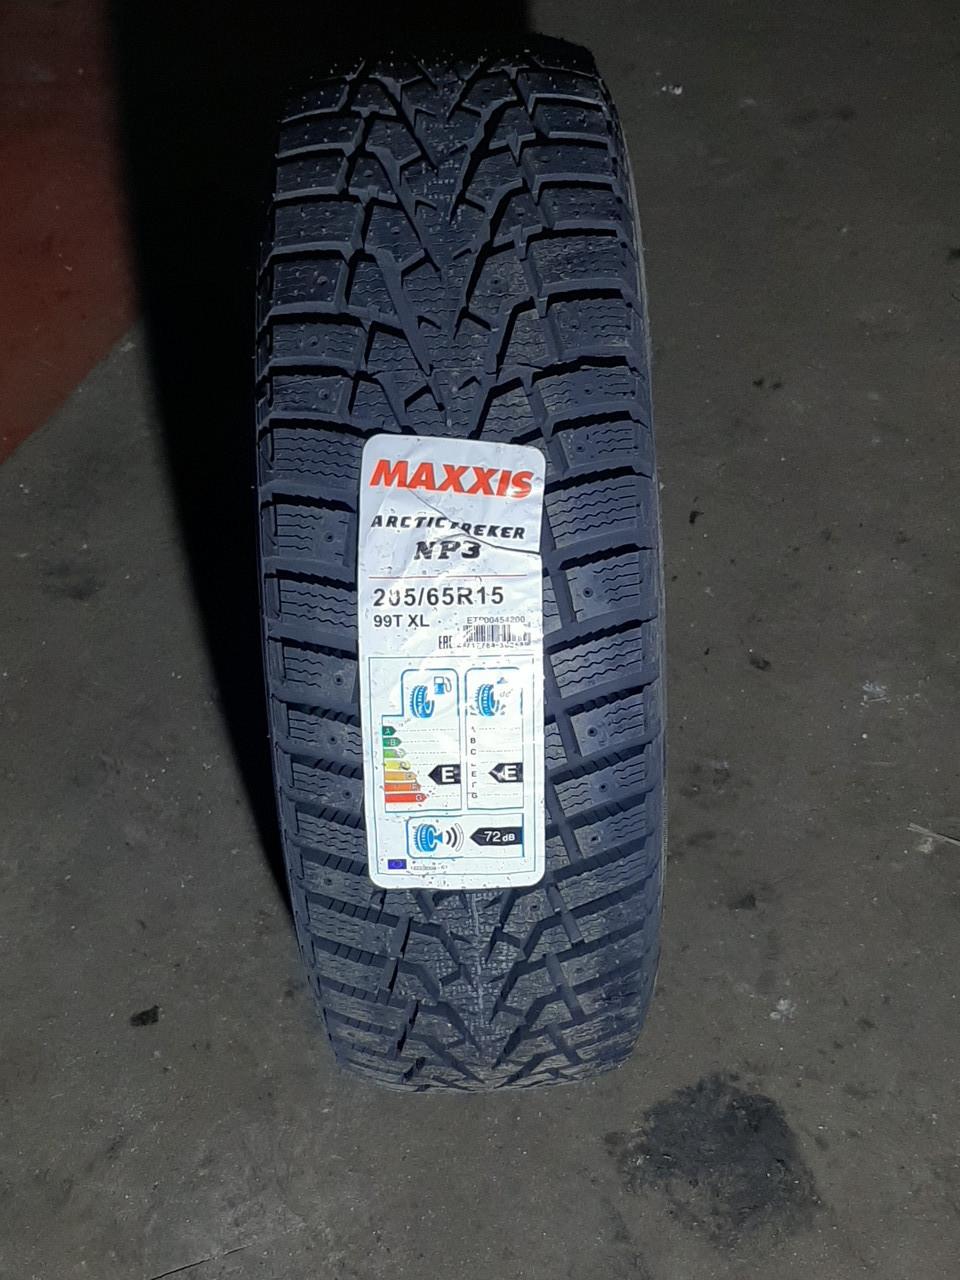 Maxxis 205/65 R 15 Arctictreker NP3 [99]T XL